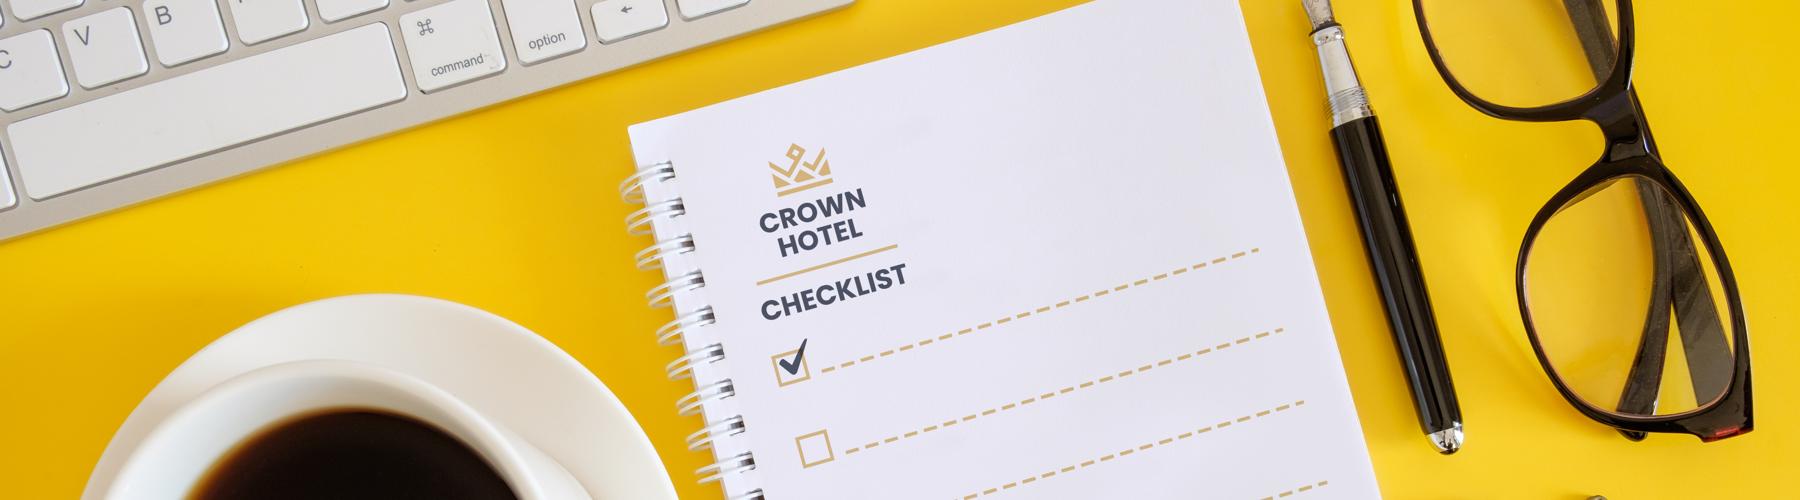 La liste ultime des produits imprimés à avoir pour votre hôtel ou restaurant